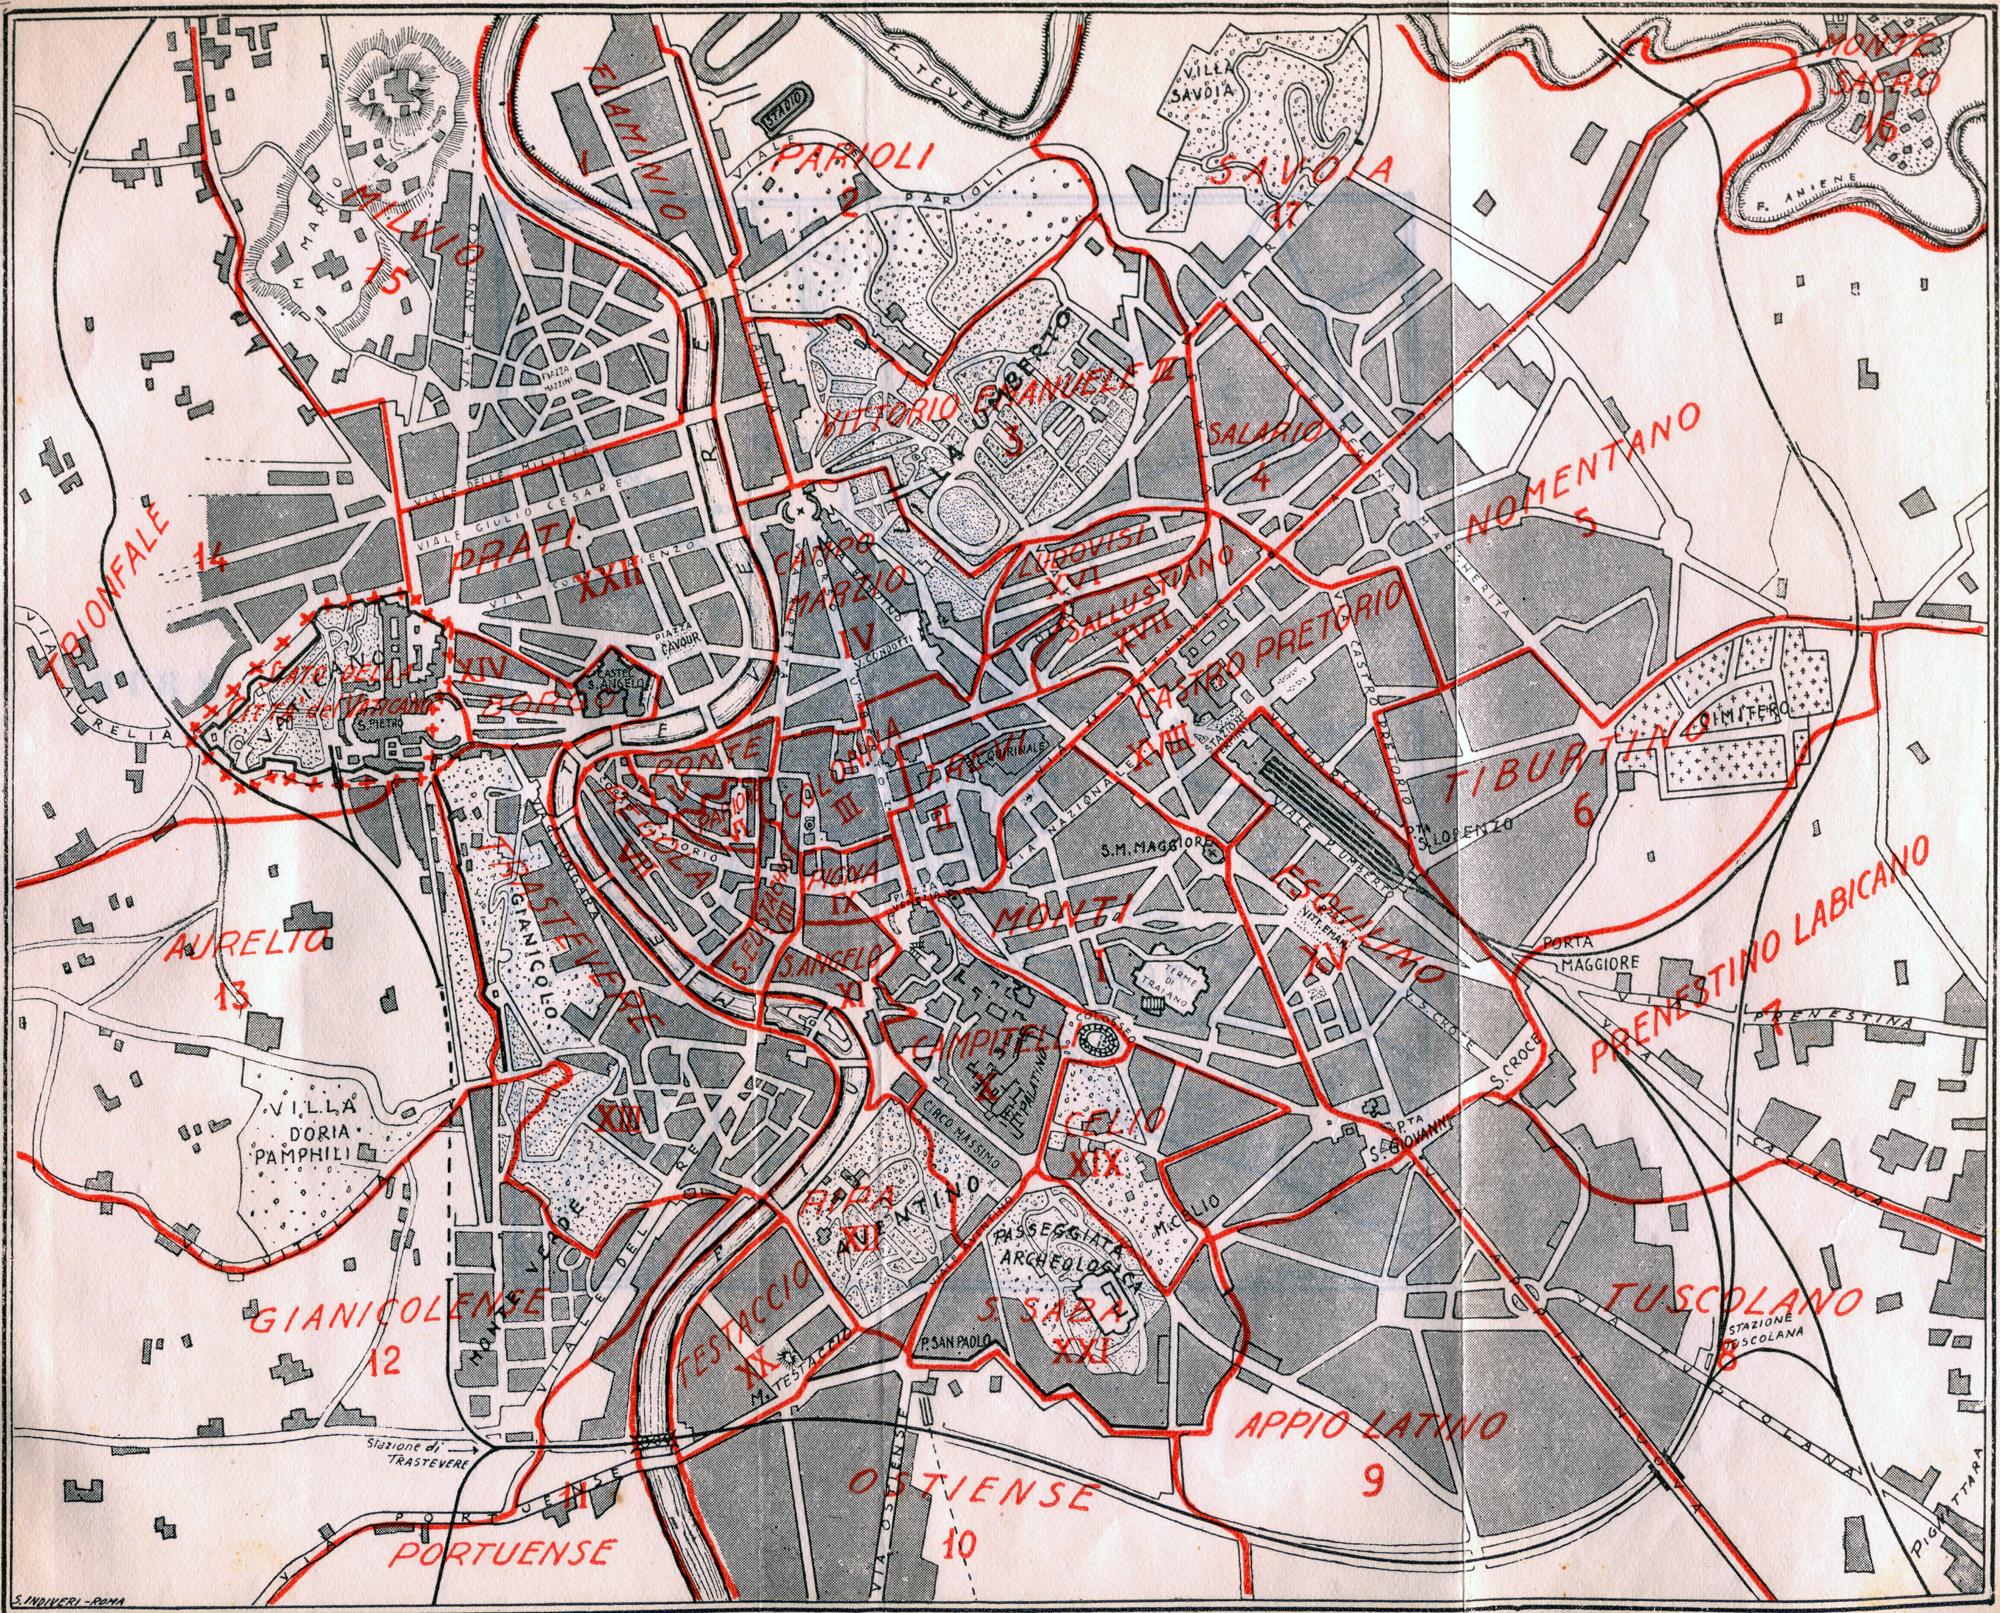 La distribuzione dei quartieri intorno al 1930.